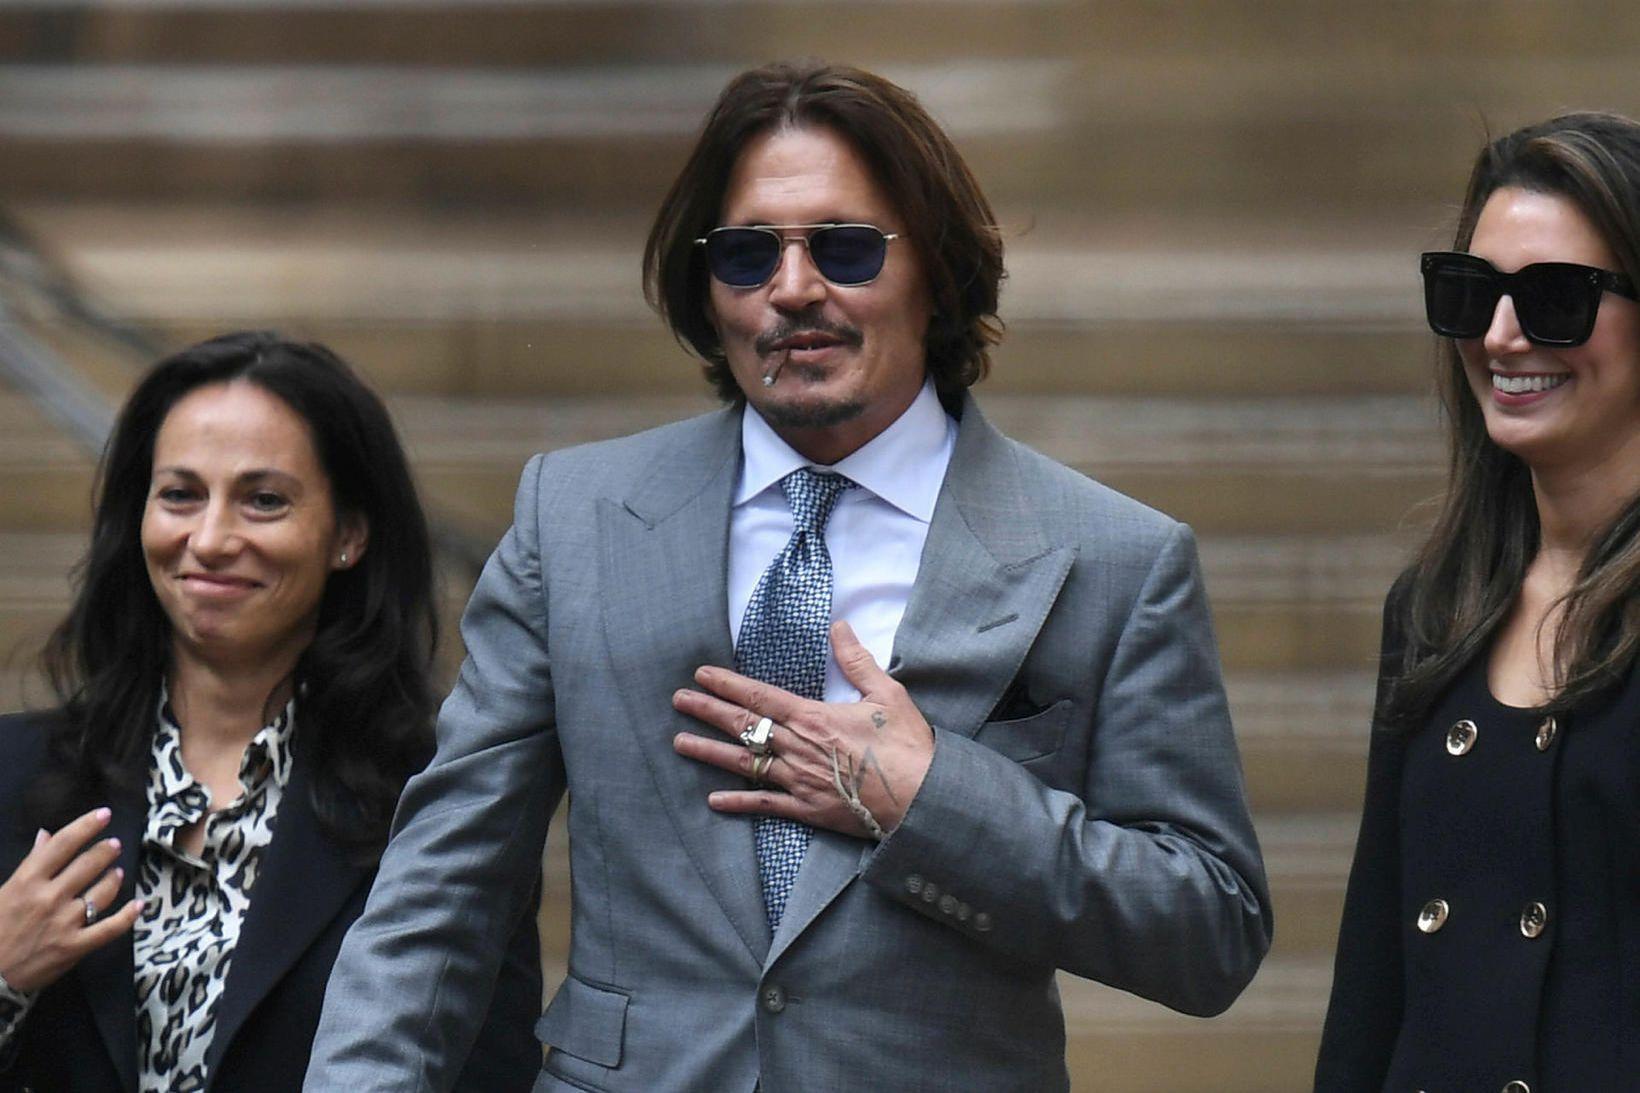 Johnny Depp eftir áttunda dag réttarhaldanna.